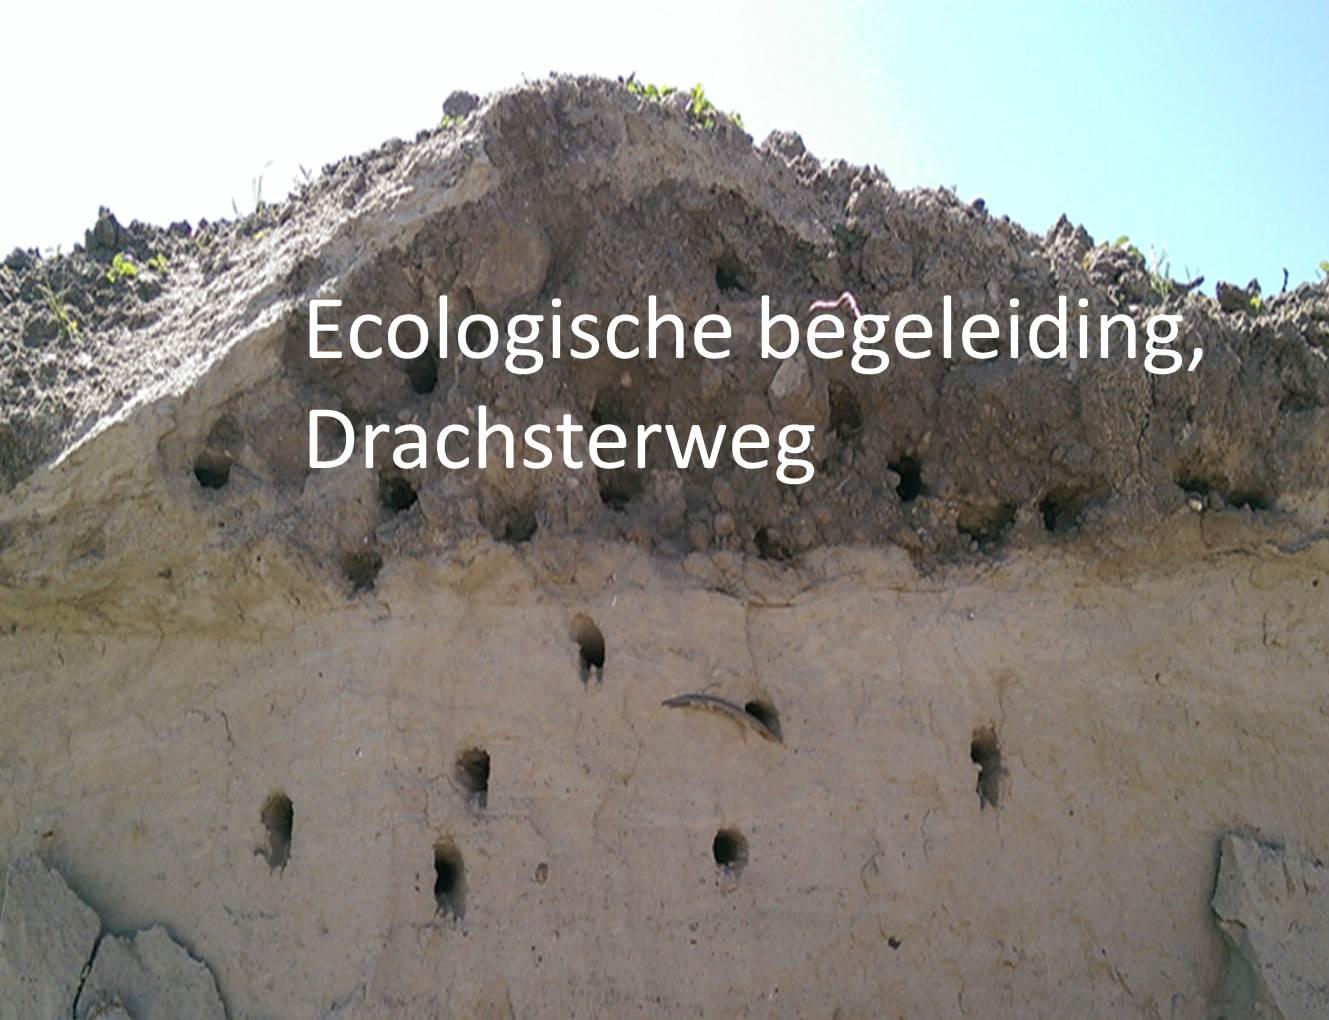 Ecologische begeleiding, Drachsterweg